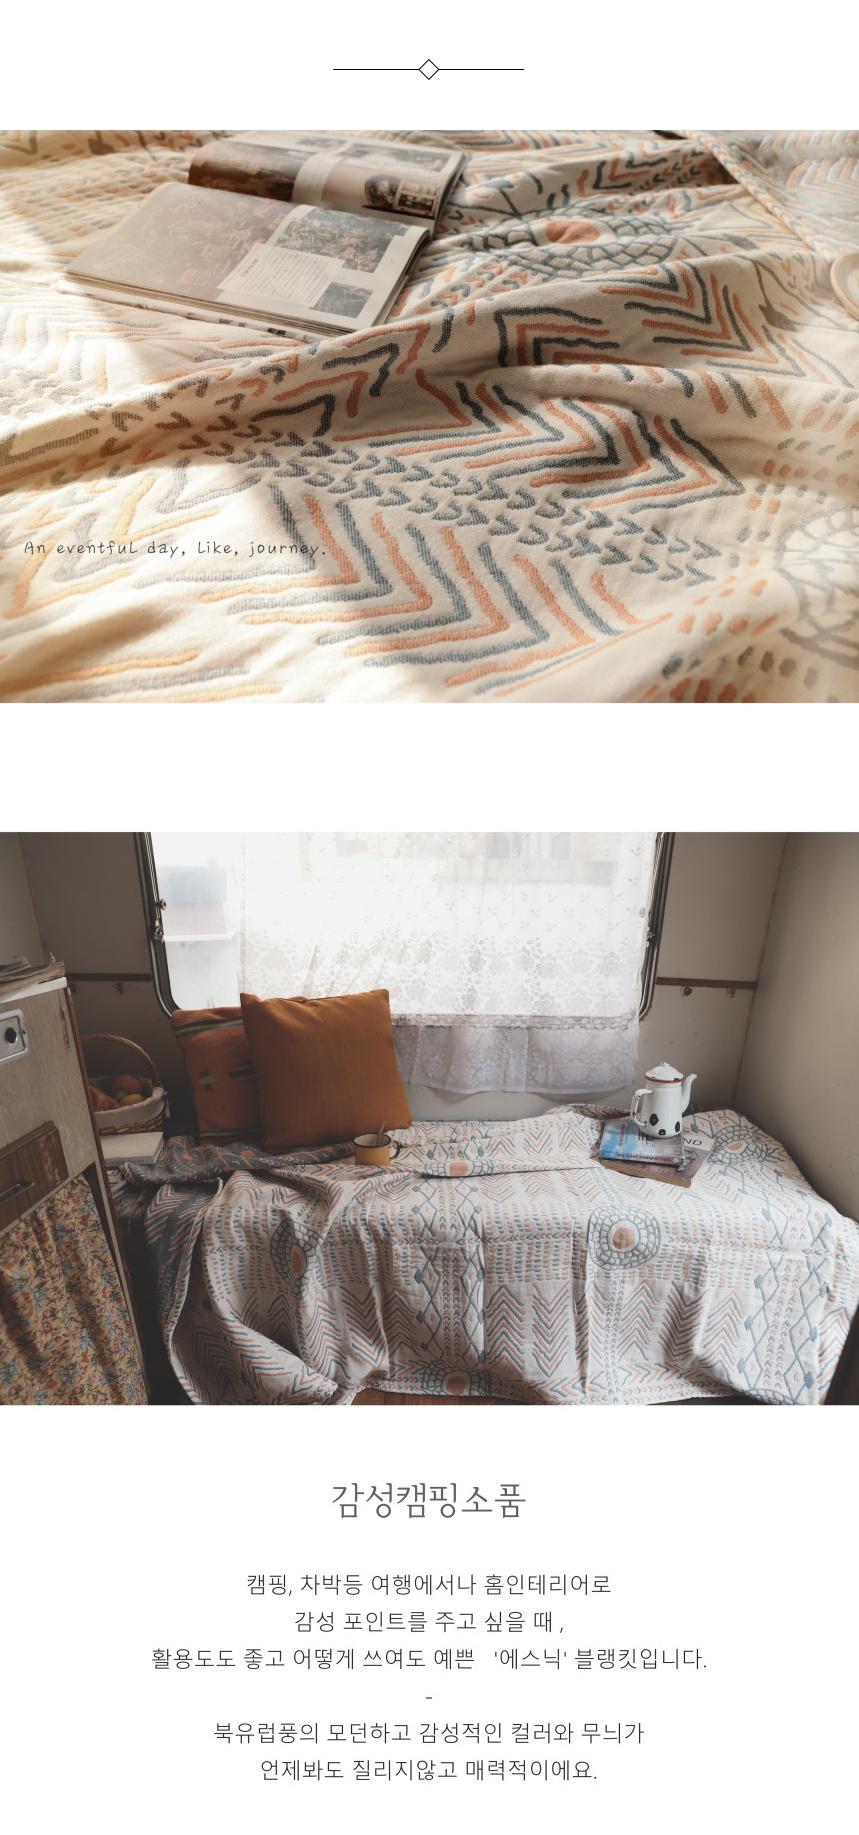 blanket_ethnic_02.jpg